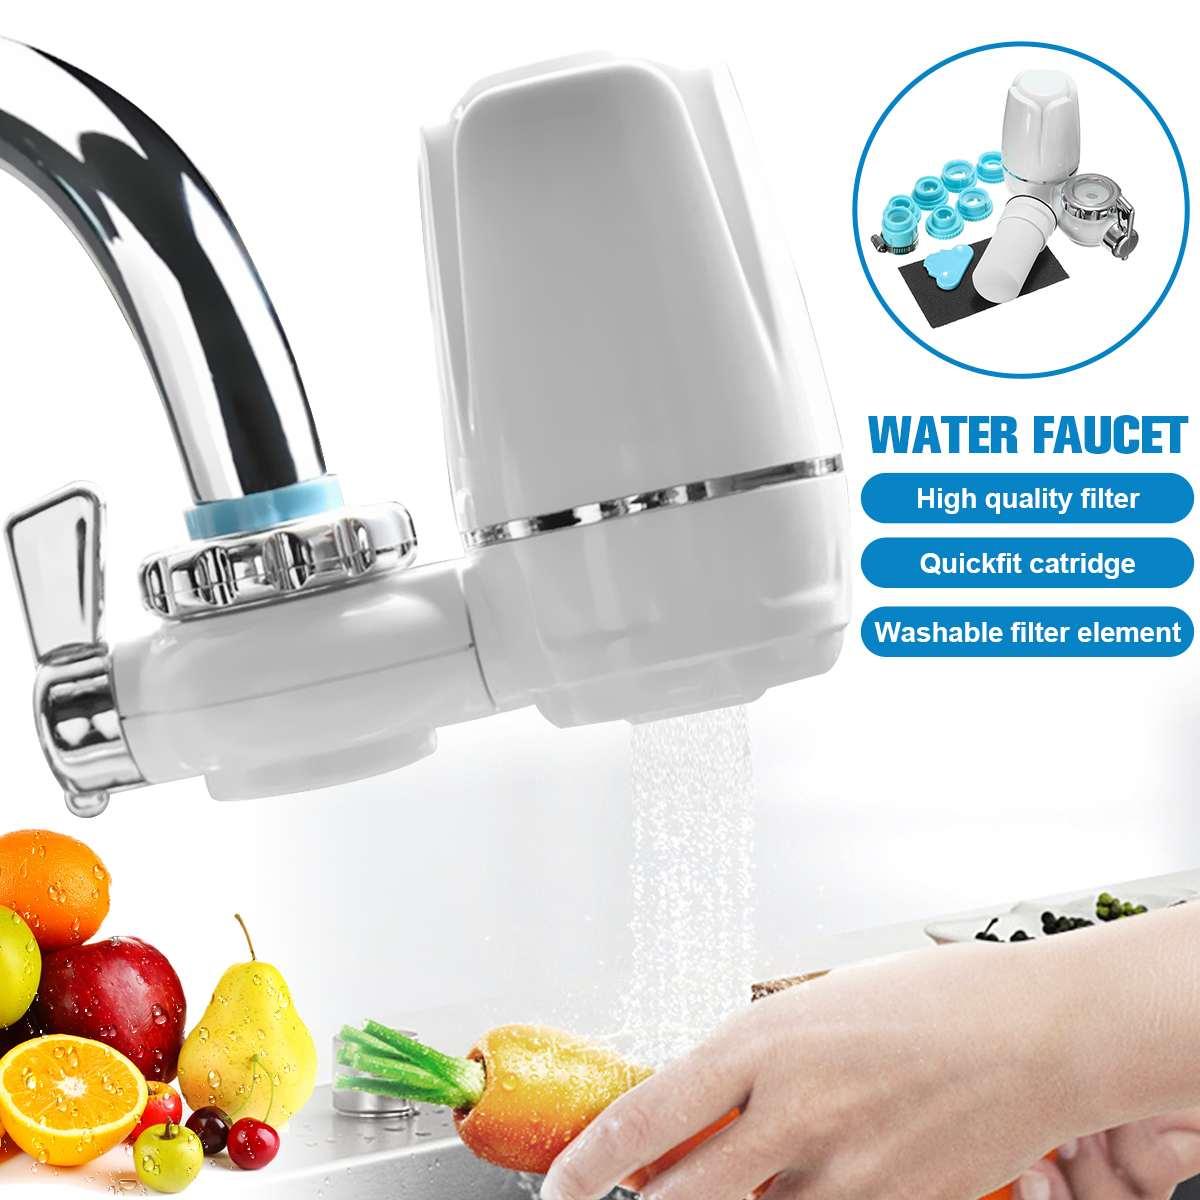 Миниатюрный очиститель для водопроводной воды, кухонный фильтр, моющийся керамический Перколятор для крана, Удаление ржавчины и бактерий, очистка воды